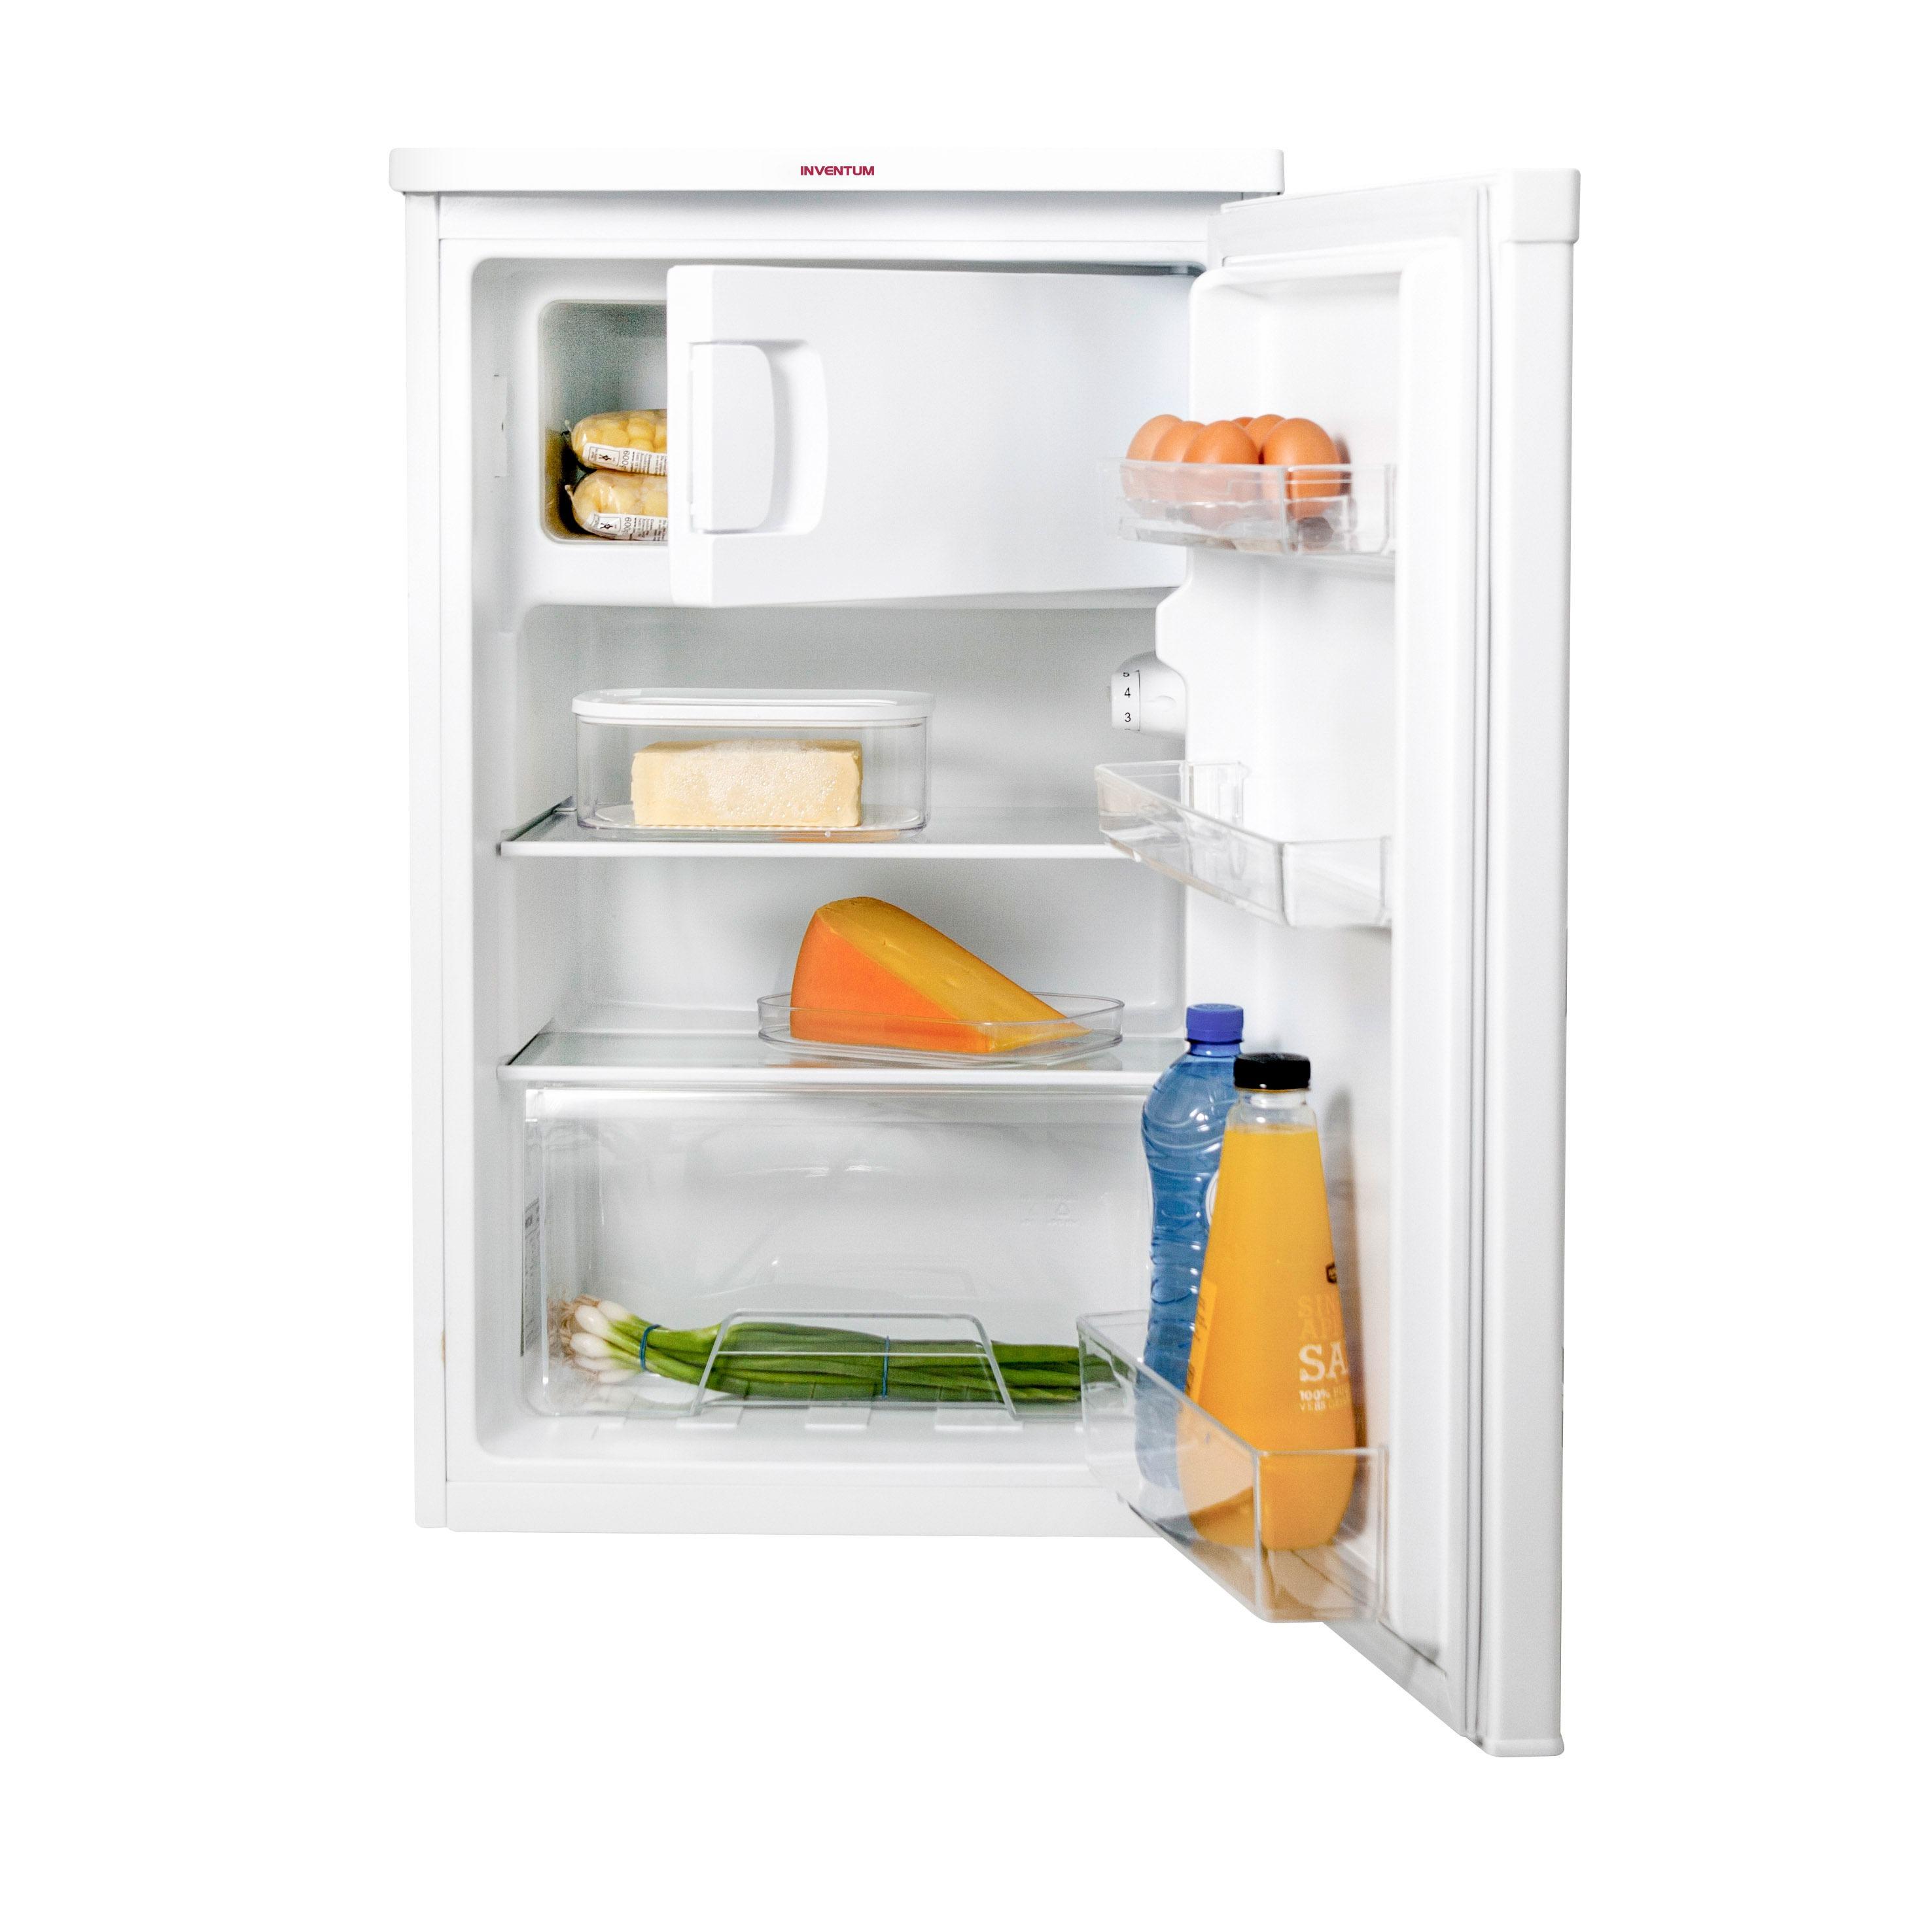 Korting Inventum KV550 koelkast met vriesvak